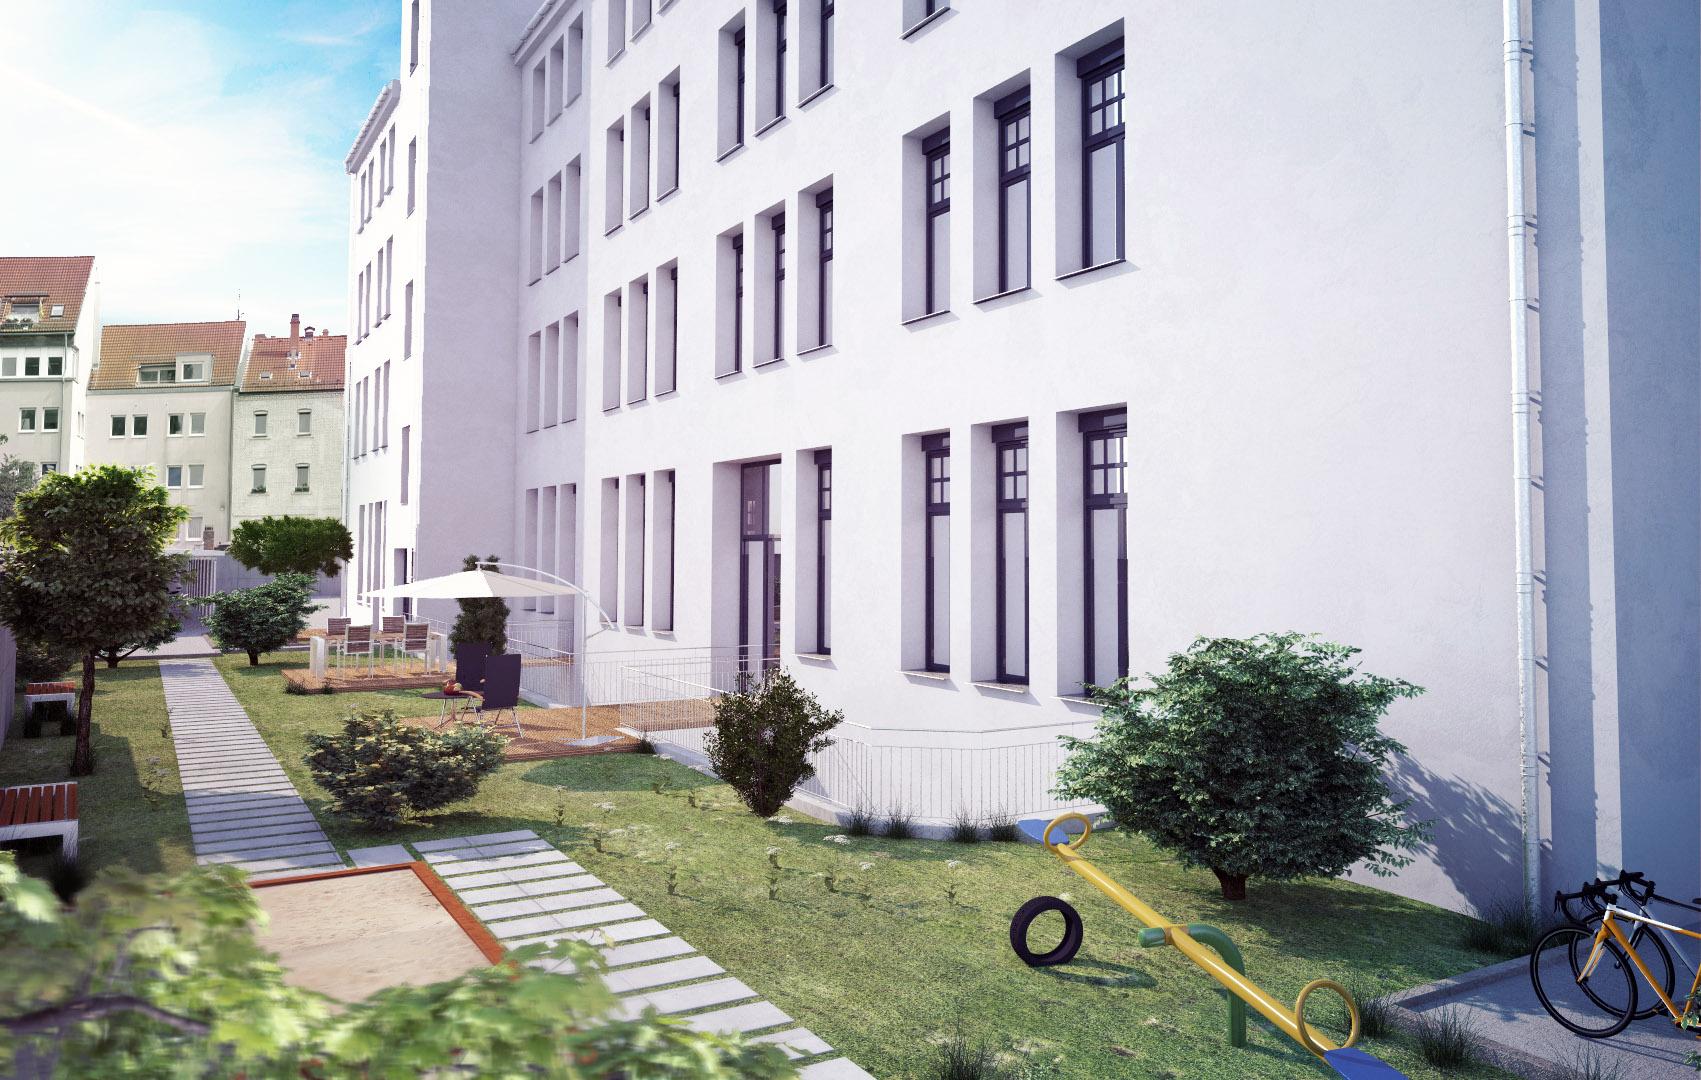 Att Architekten 3d architektur visualisierung fichtestraße nürnberg